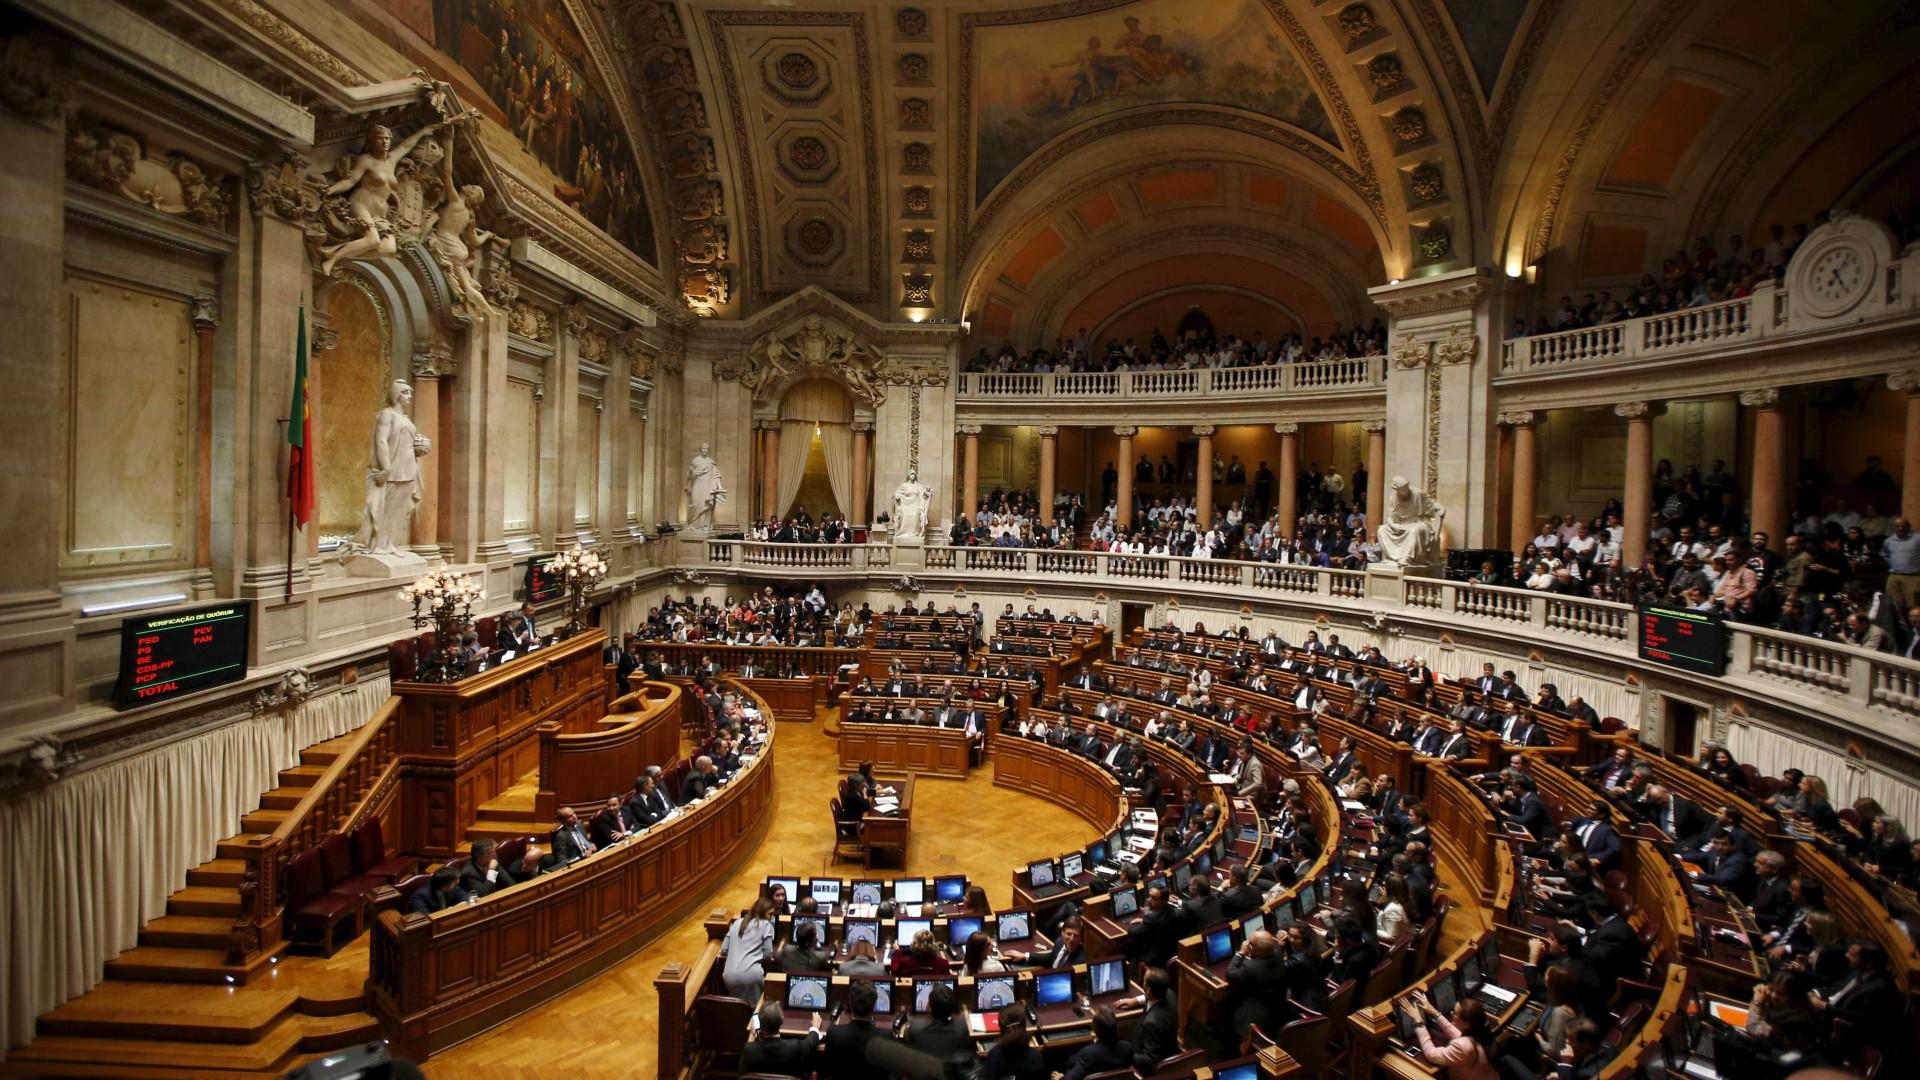 PSD, PS e CDS convergem na regulação do lobby, BE e PCP contra